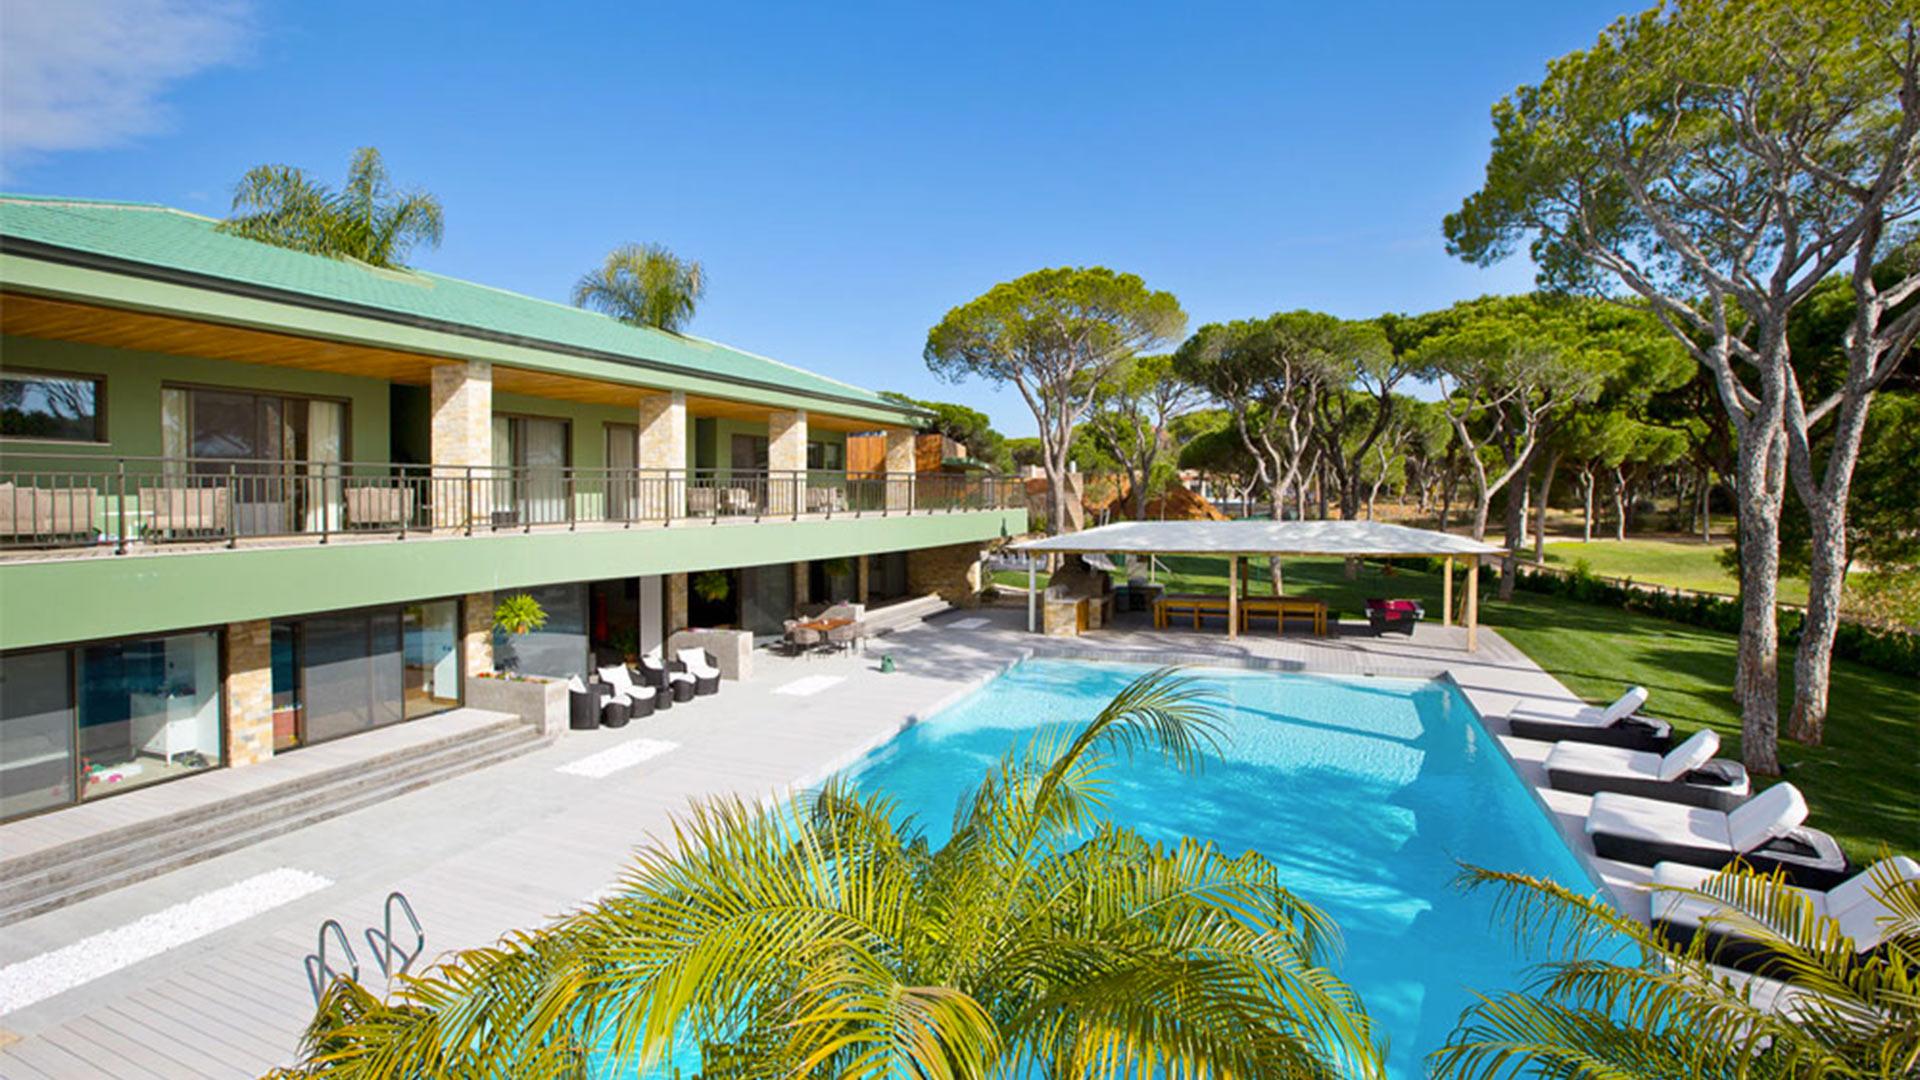 Villa 36 alquiler de casa en algarve vilamoura villanovo - Alquiler de casas en portugal ...